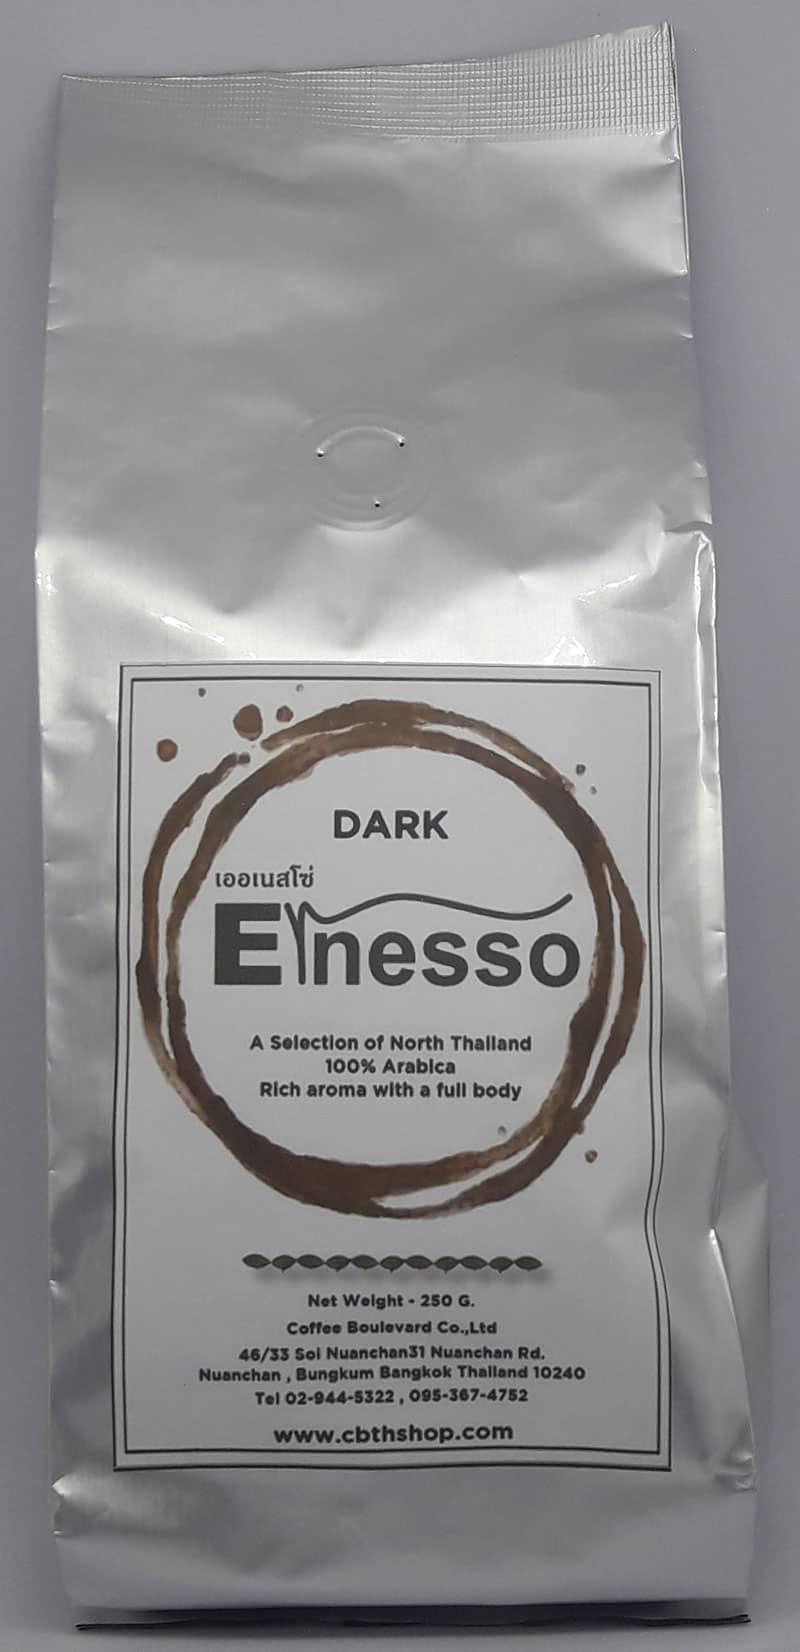 Ernesso Dark 100% Arabica Dark Roasted